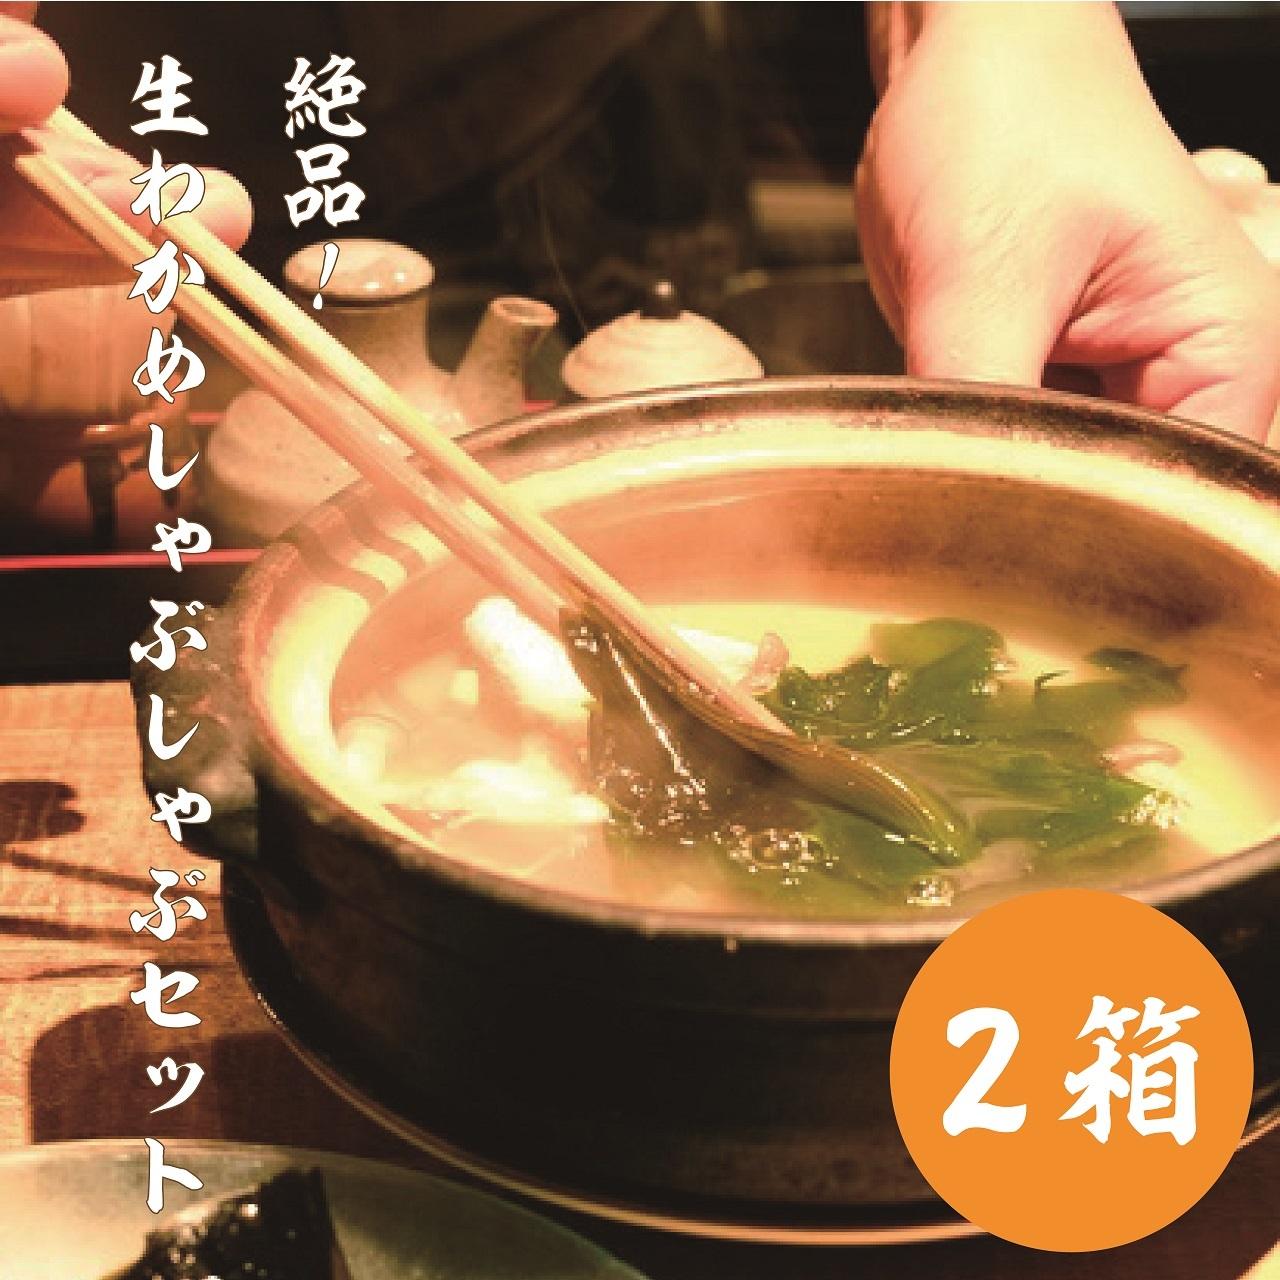 絶品!!生わかめしゃぶしゃぶセット(2箱) 4/2〔金〕出荷